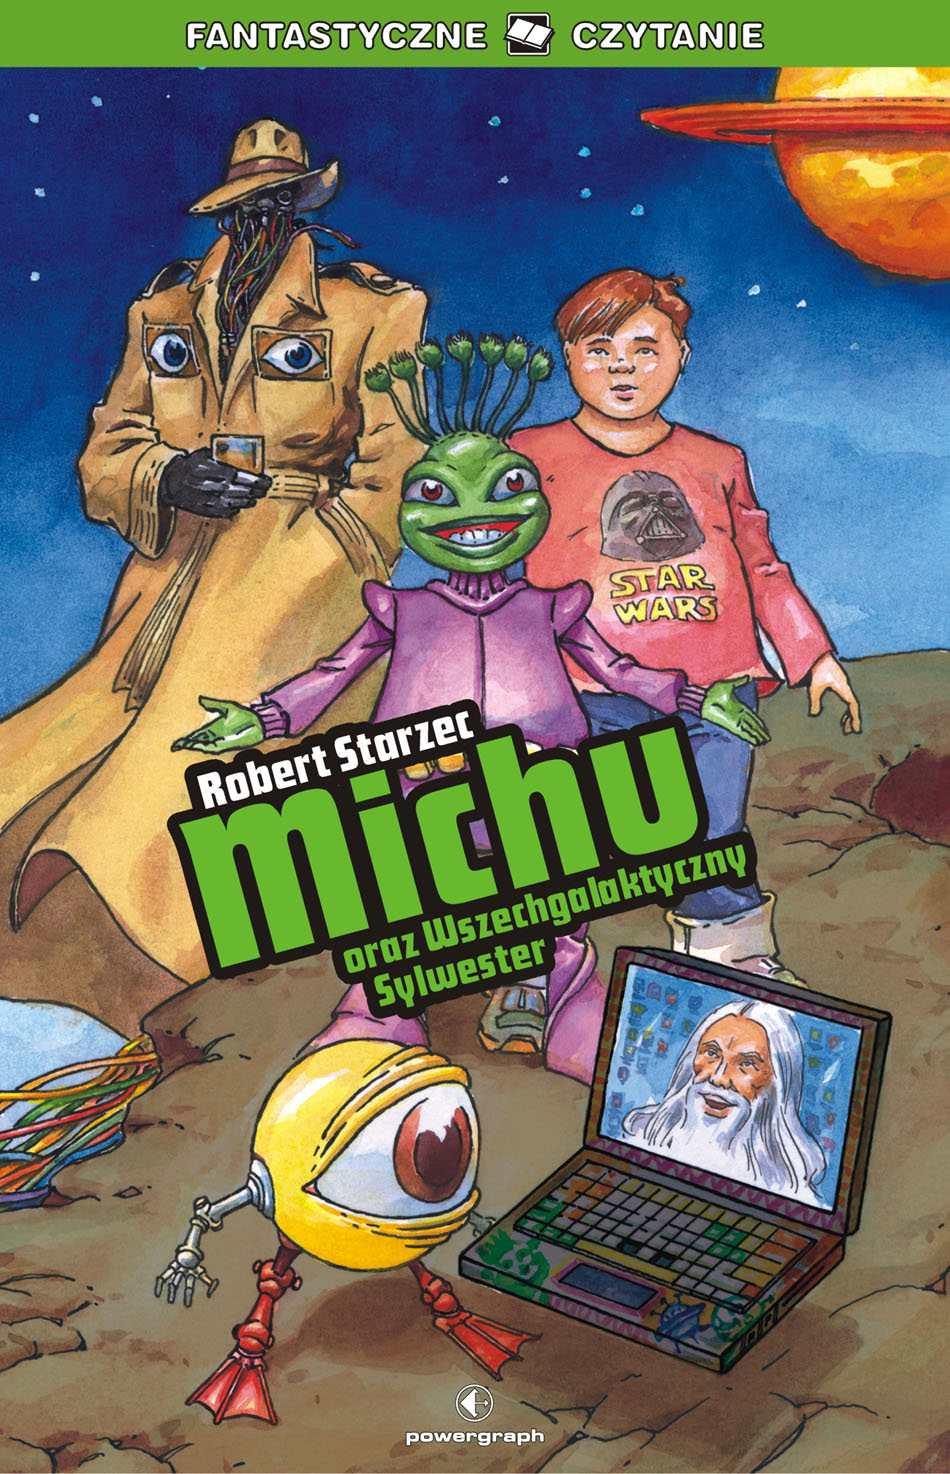 Michu oraz Wszechgalaktyczny Sylwester - Ebook (Książka na Kindle) do pobrania w formacie MOBI